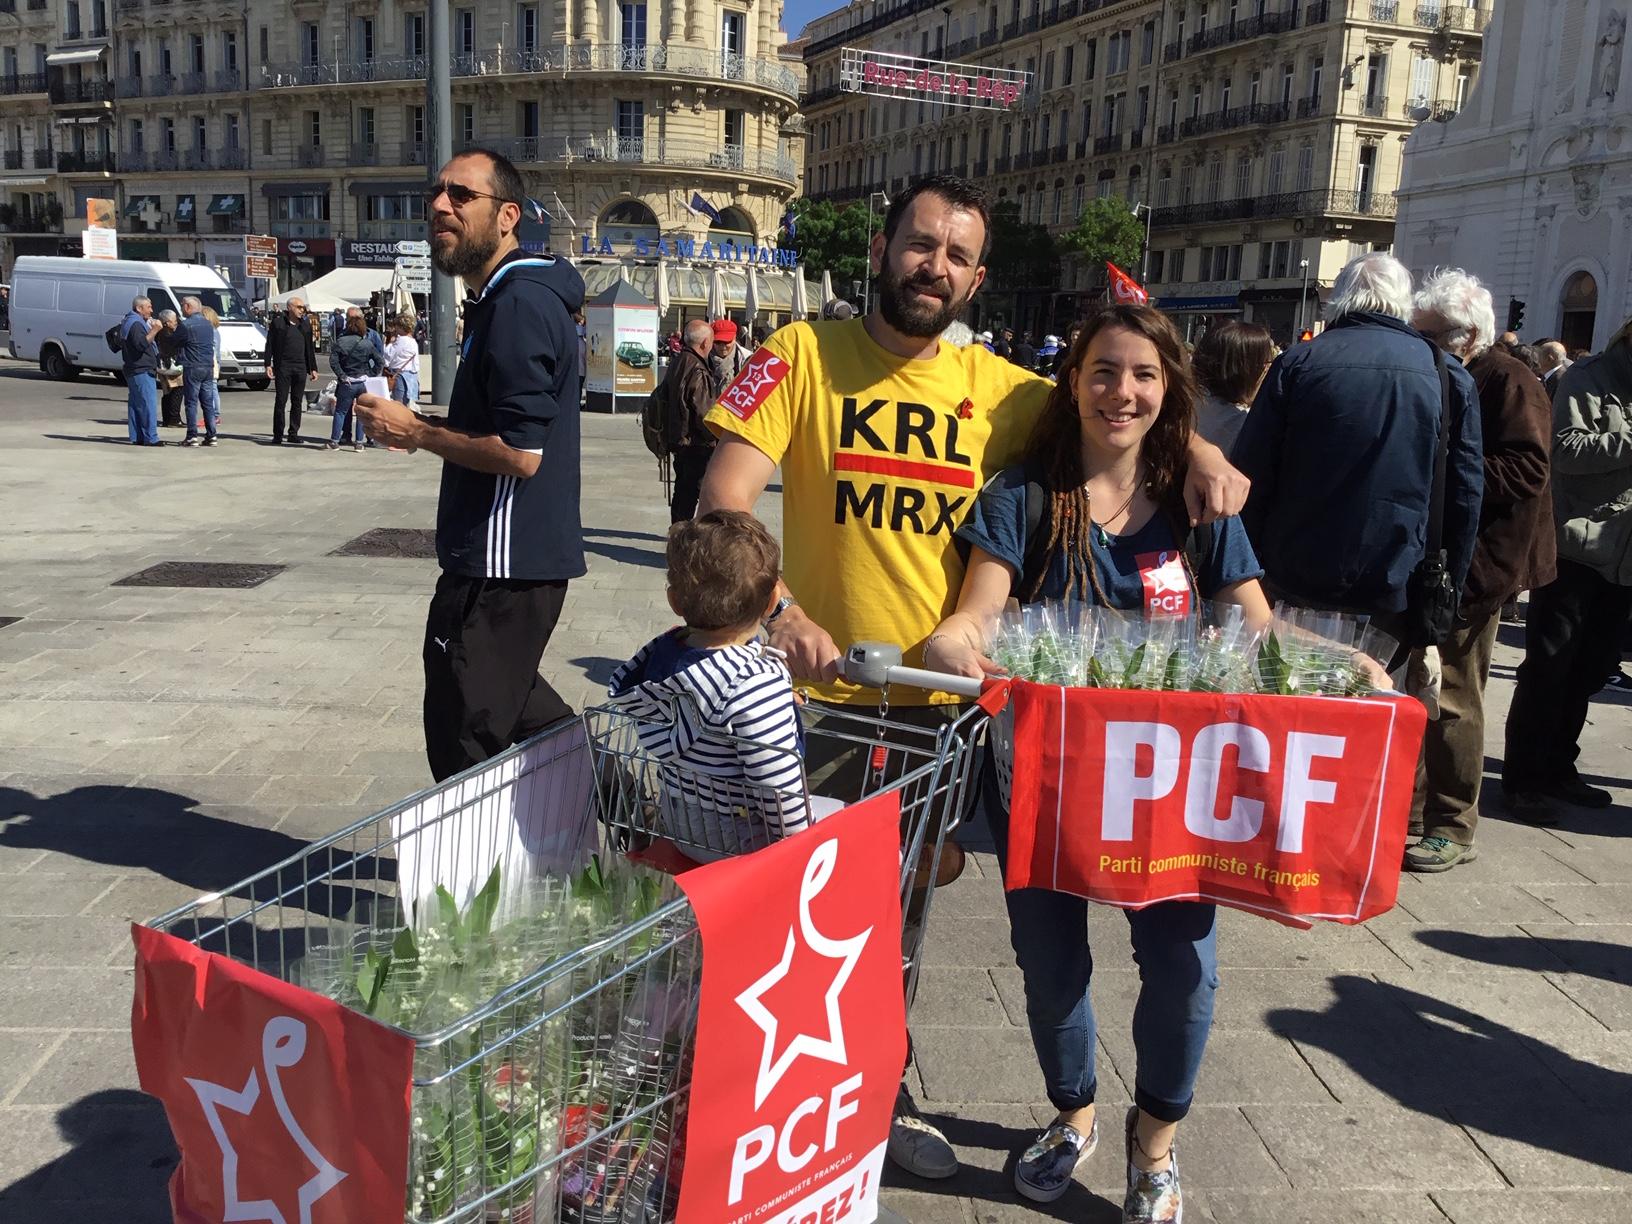 1er Mai 2019 : Du Rouge et du Jaune et des collectifs , les colères  et propositions s'expriment dans les cortèges